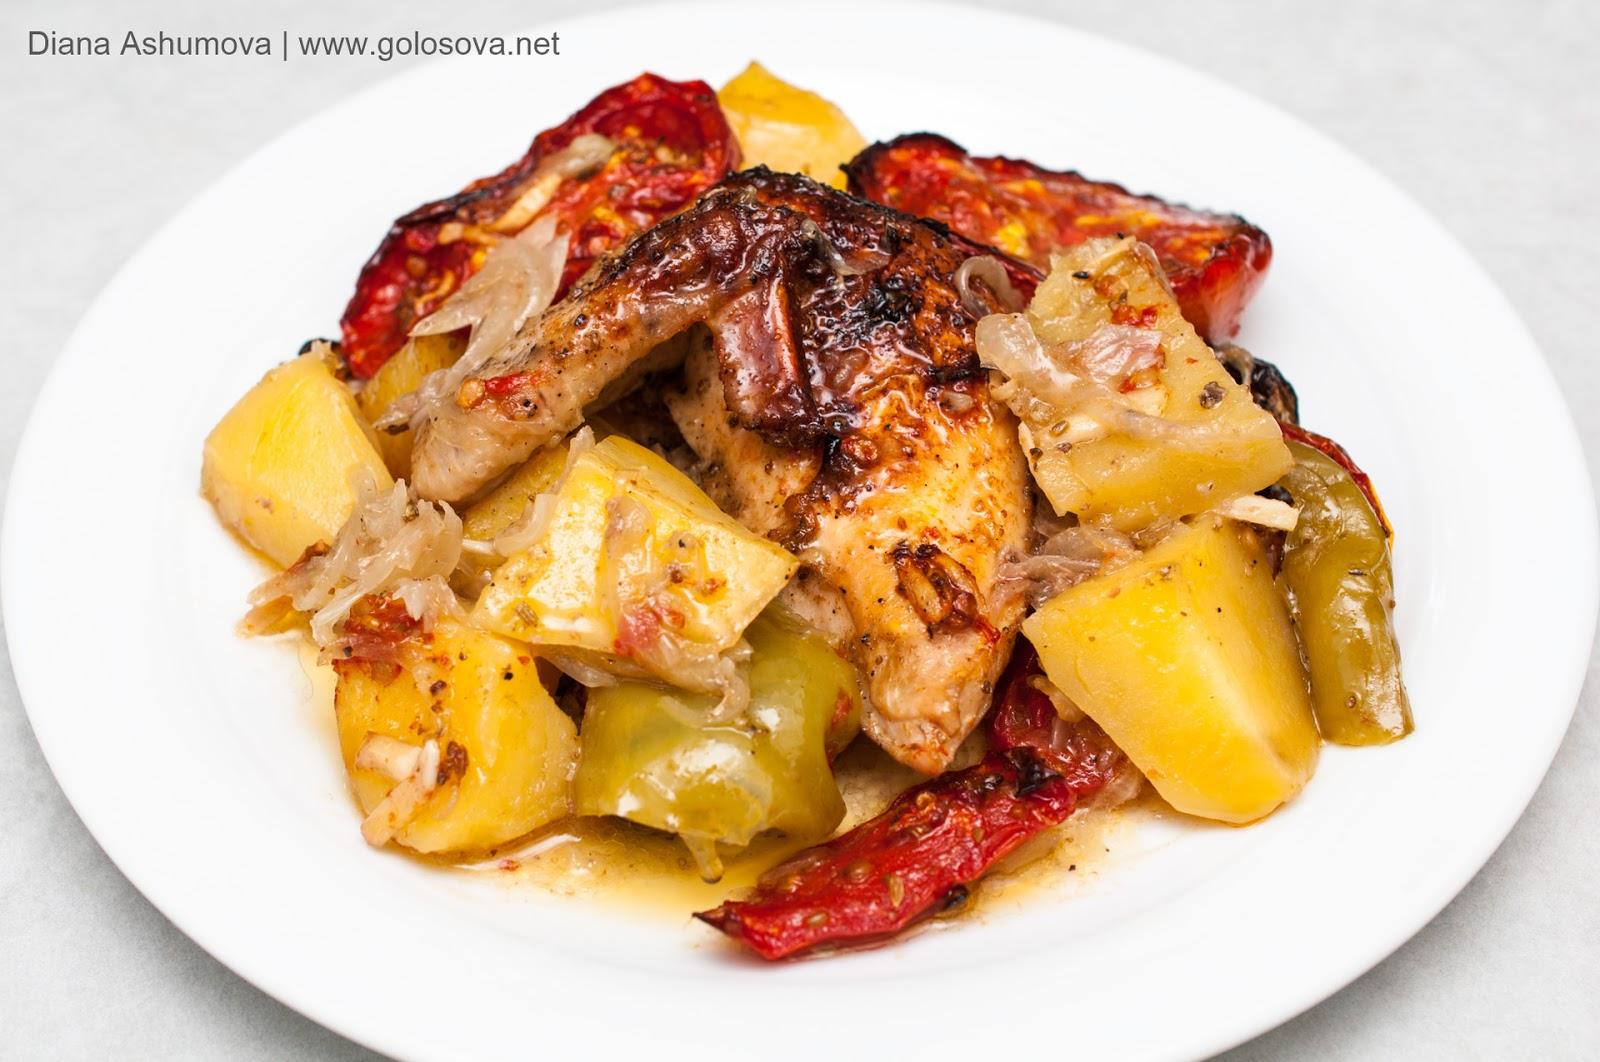 жаркое с курицей и картошкой в духовке рецепт с фото